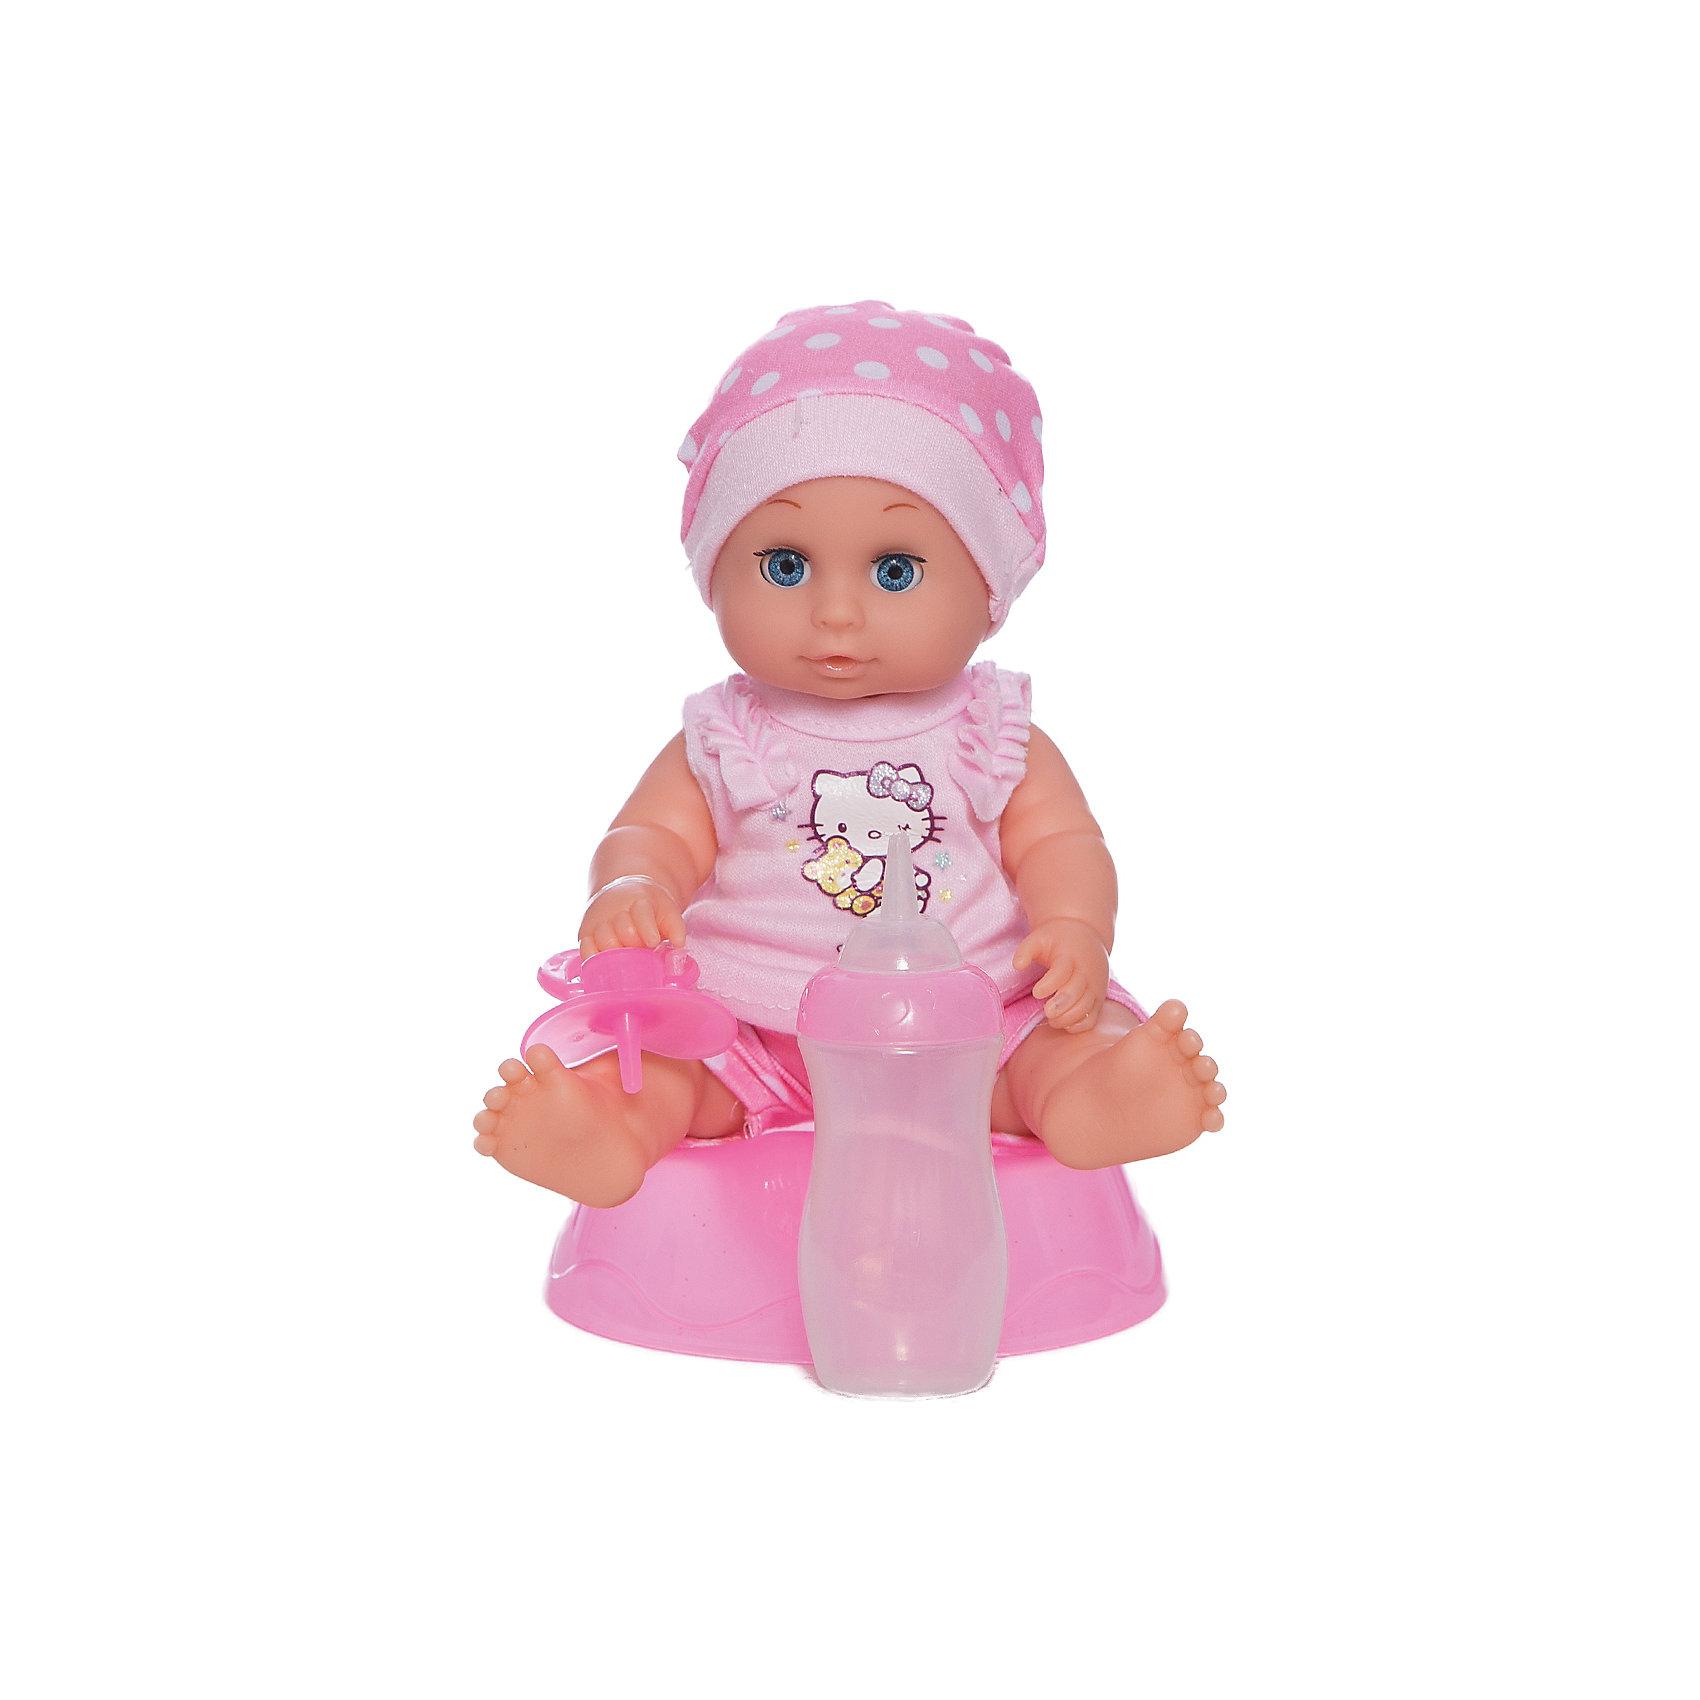 Пупс Hello Kitty, 20 см, 3 функции, КарапузКуклы-пупсы<br>Порадовать девочку просто - подарите ей такую куклу. С её помощью девочка будет осваивать базовые навыки общения, ухода за собой и заботы о других.<br>Изделие представляет собой симпатичную куклу с хорошей детализацией из прочного пластика. Она умеет пить и писать, поэтому к ней прилагаются горшок, бутылочка и соска! Изделие произведено из качественных материалов, безопасных для ребенка.<br><br>Дополнительная информация:<br><br>цвет: разноцветный;<br>материал: пластик, текстиль;<br>комплектация: кукла, одежда, горшок, соска;<br>размер упаковки: 110 x 220 x 210 мм.<br><br>Пупса Hello Kitty, 20 см, 3 функции, от бренда Карапуз можно купить в нашем магазине.<br><br>Ширина мм: 110<br>Глубина мм: 220<br>Высота мм: 210<br>Вес г: 400<br>Возраст от месяцев: 36<br>Возраст до месяцев: 2147483647<br>Пол: Женский<br>Возраст: Детский<br>SKU: 5002244